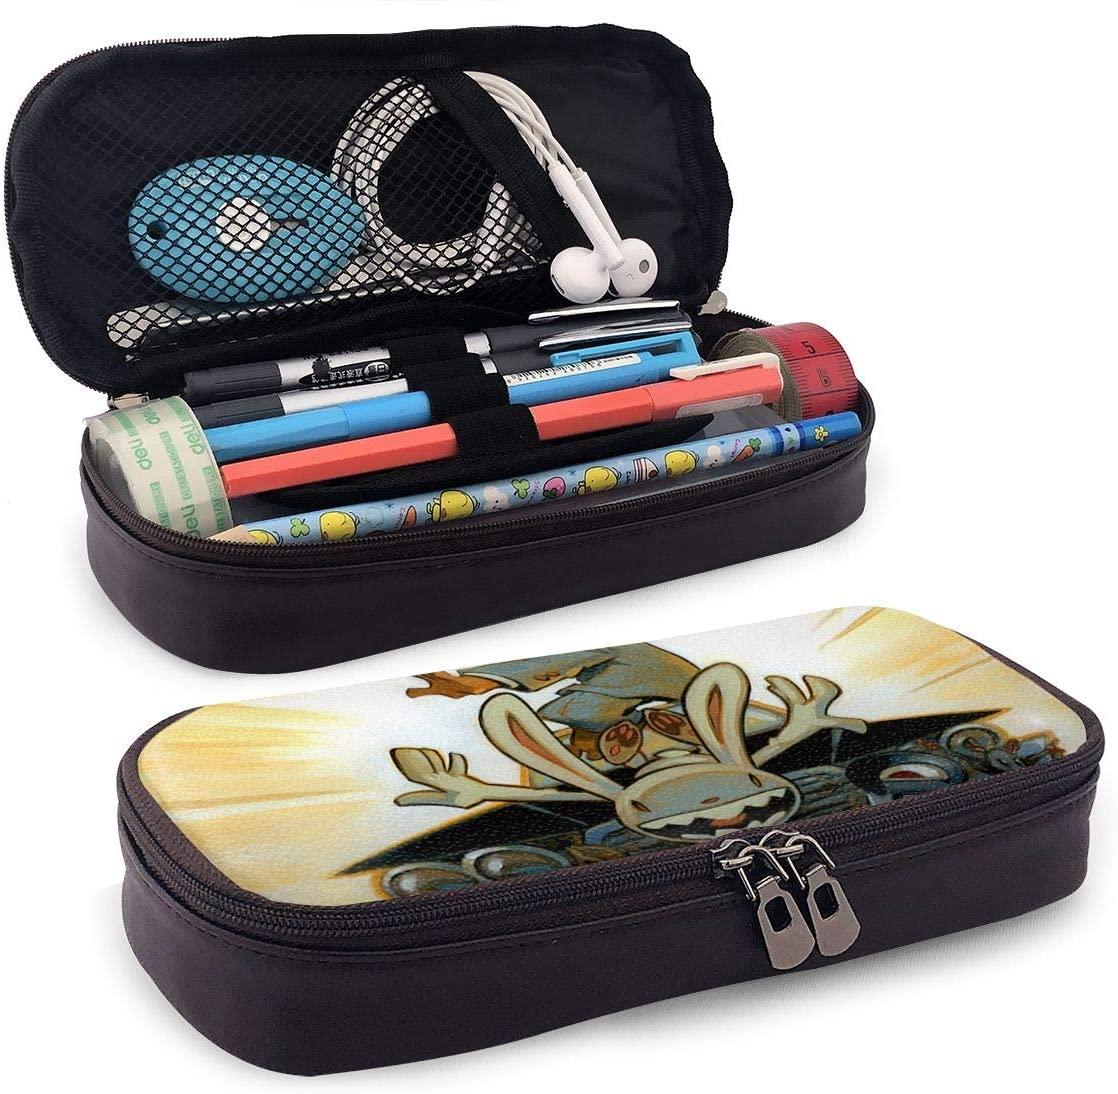 Sam and Max Teenager Pencil Bag, Small Tool Bag, Cosmetic Bag, Multi-Purpose Bag